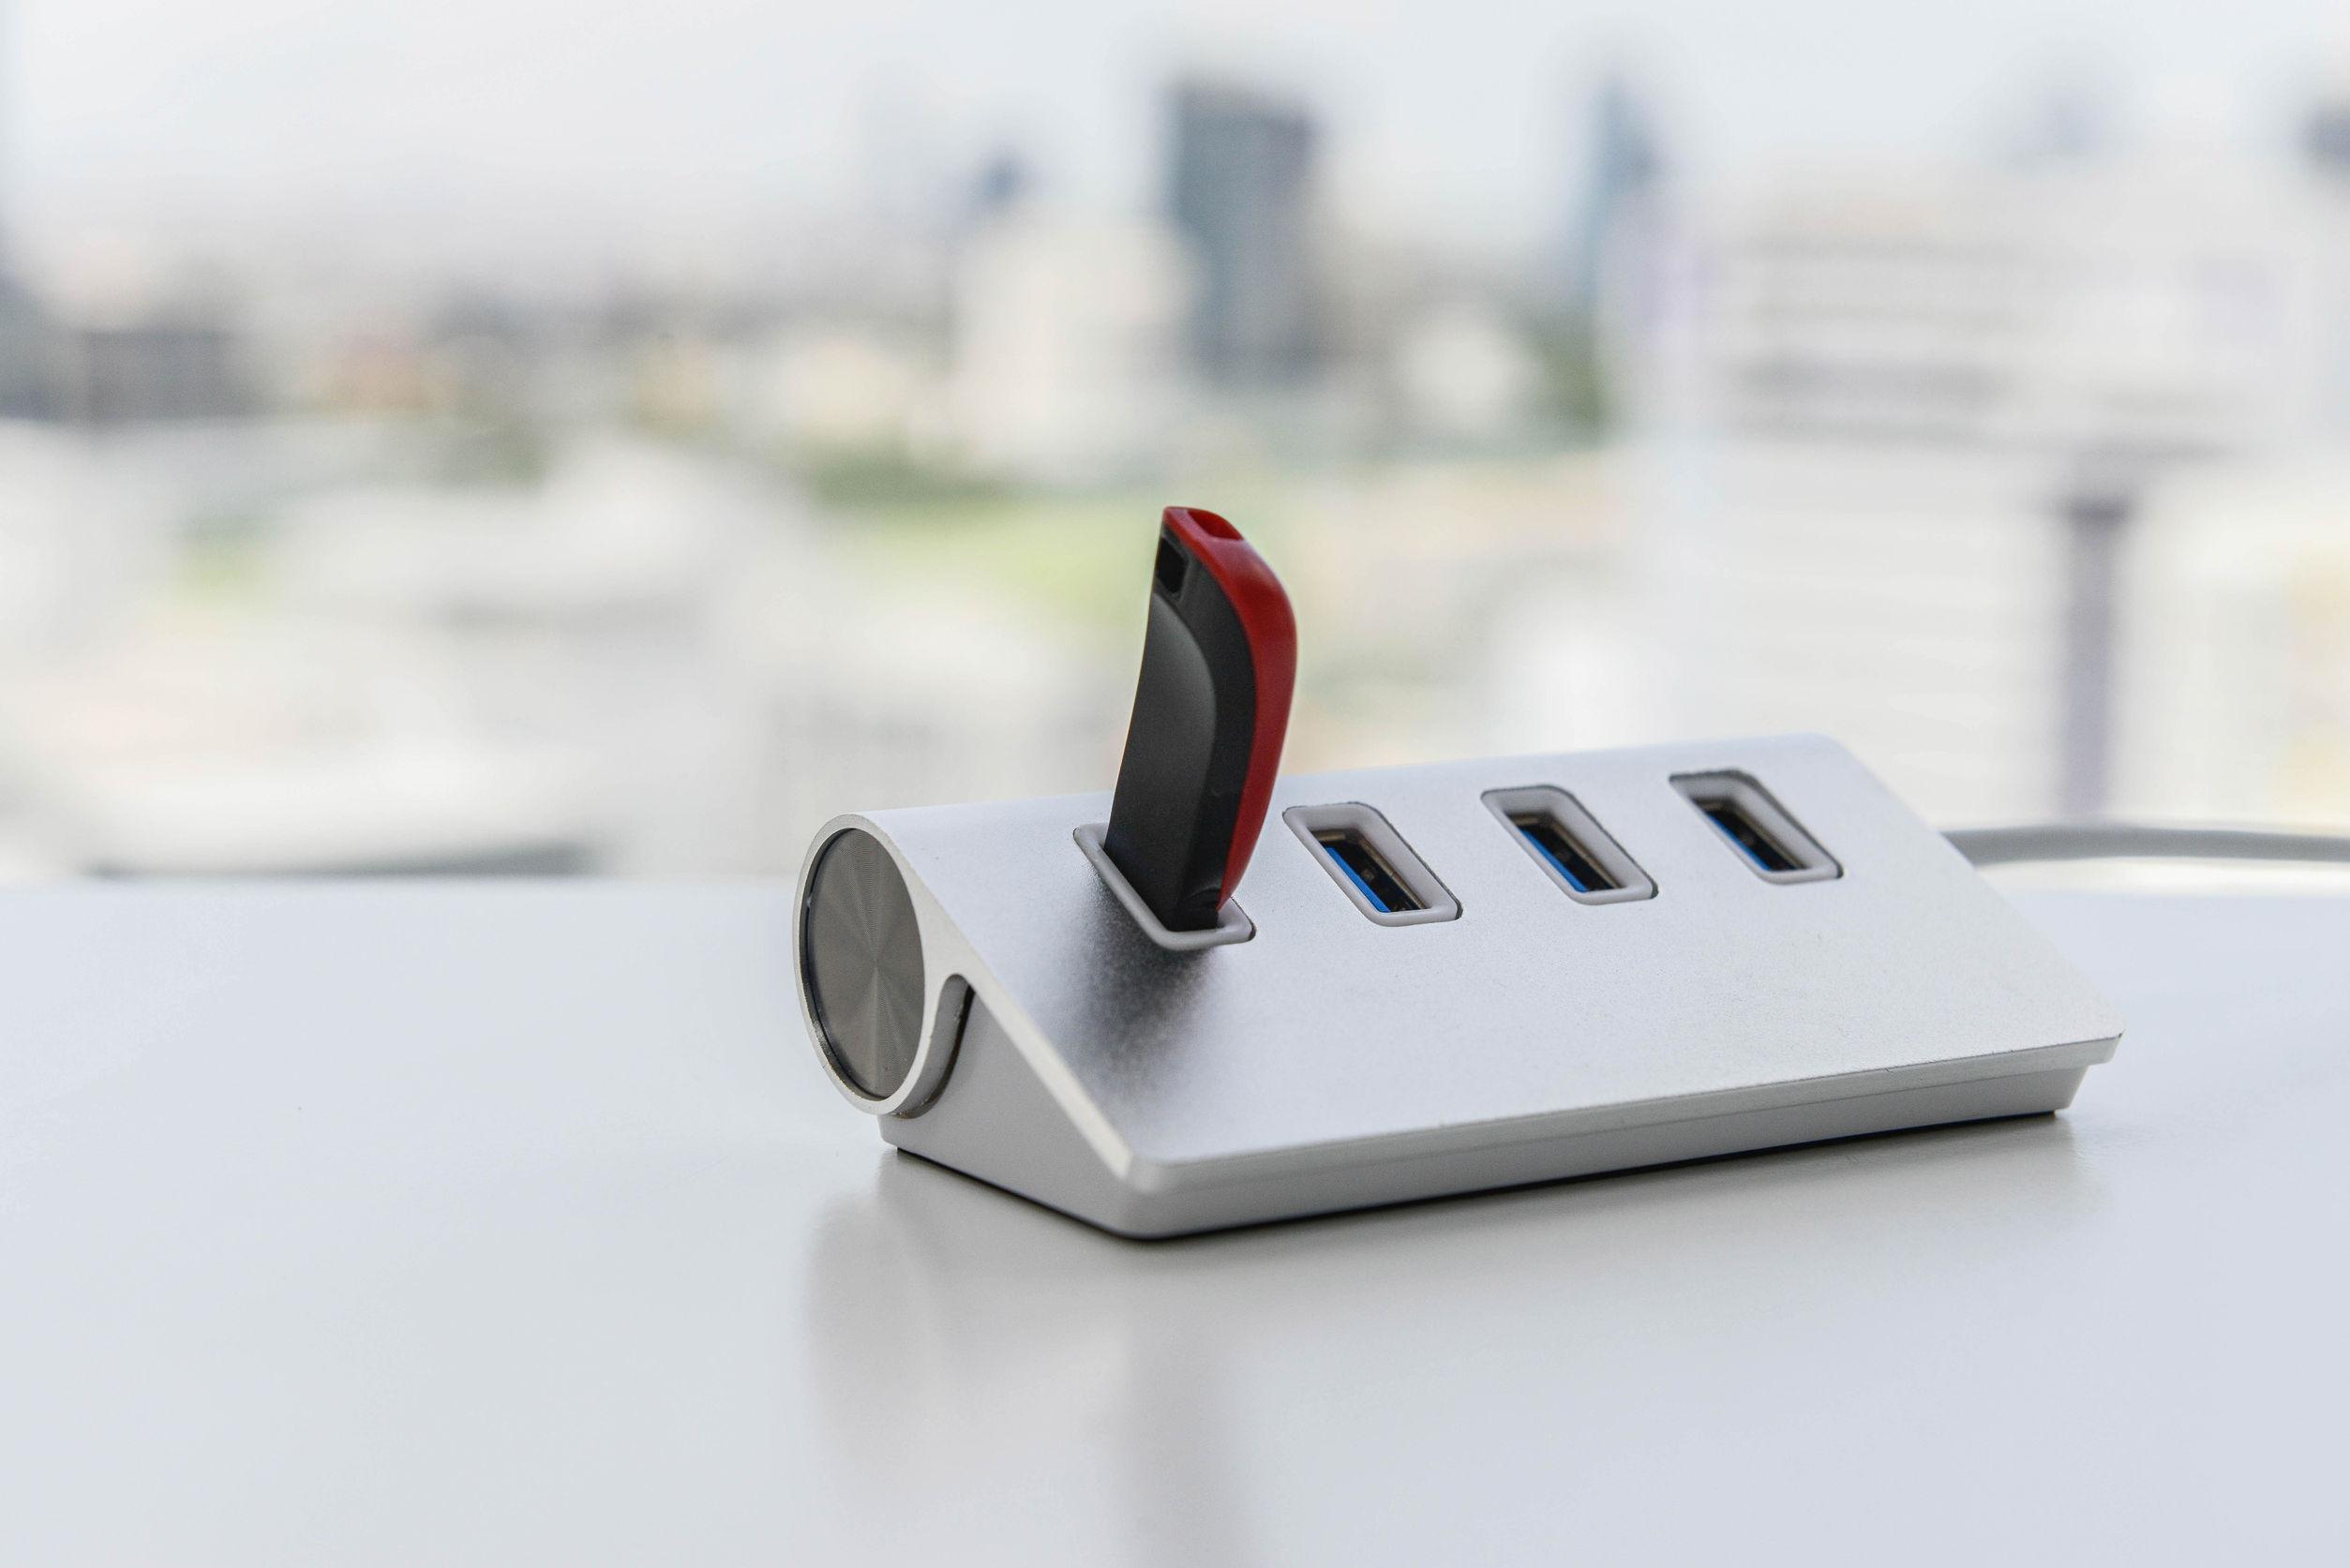 La unidad USB conectanda al concentrador USB